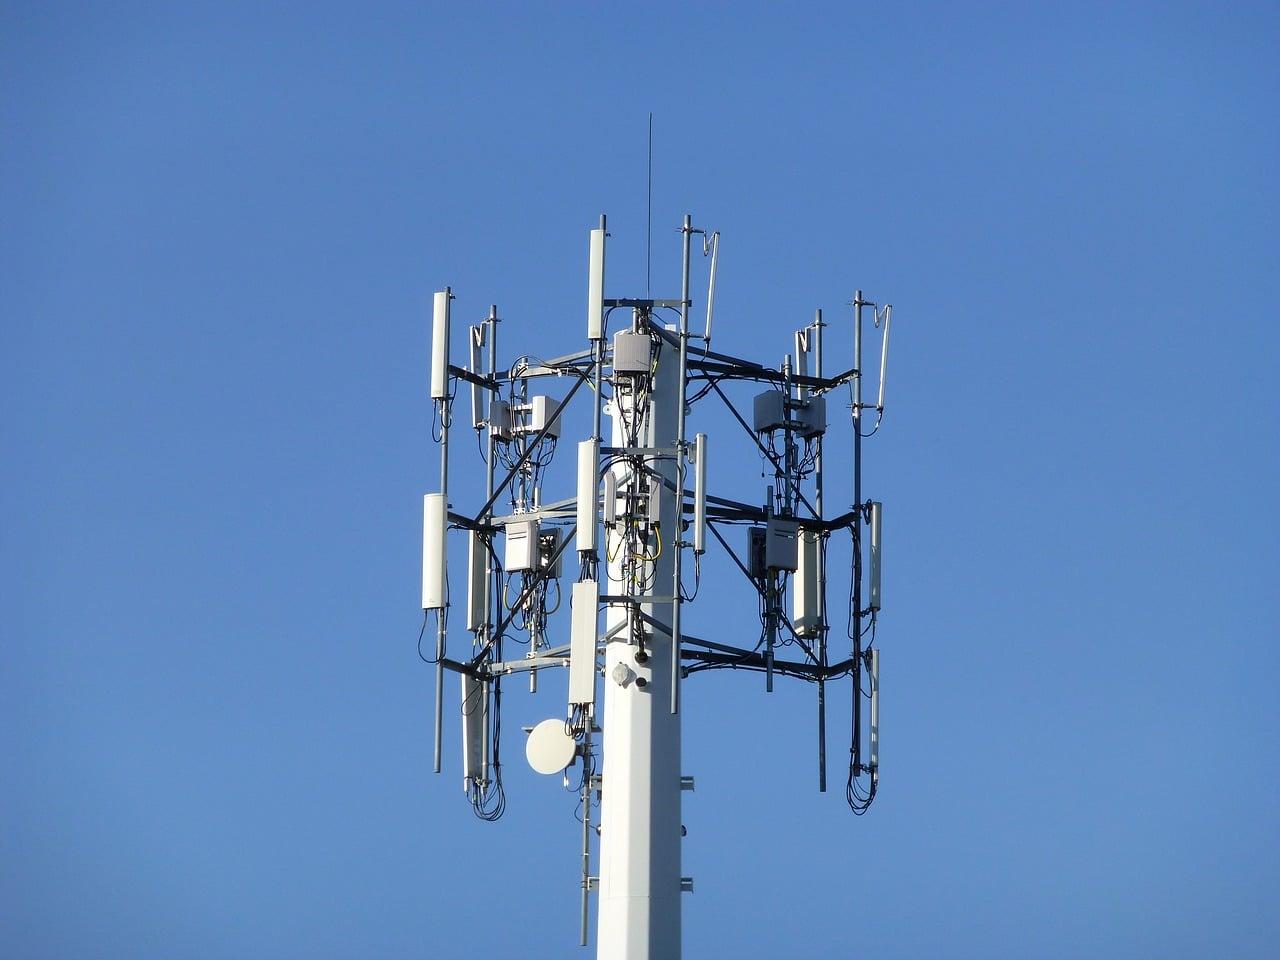 28 municípios baianos serão beneficiados com ampliação da cobertura 4G e fibra ótica até 2021